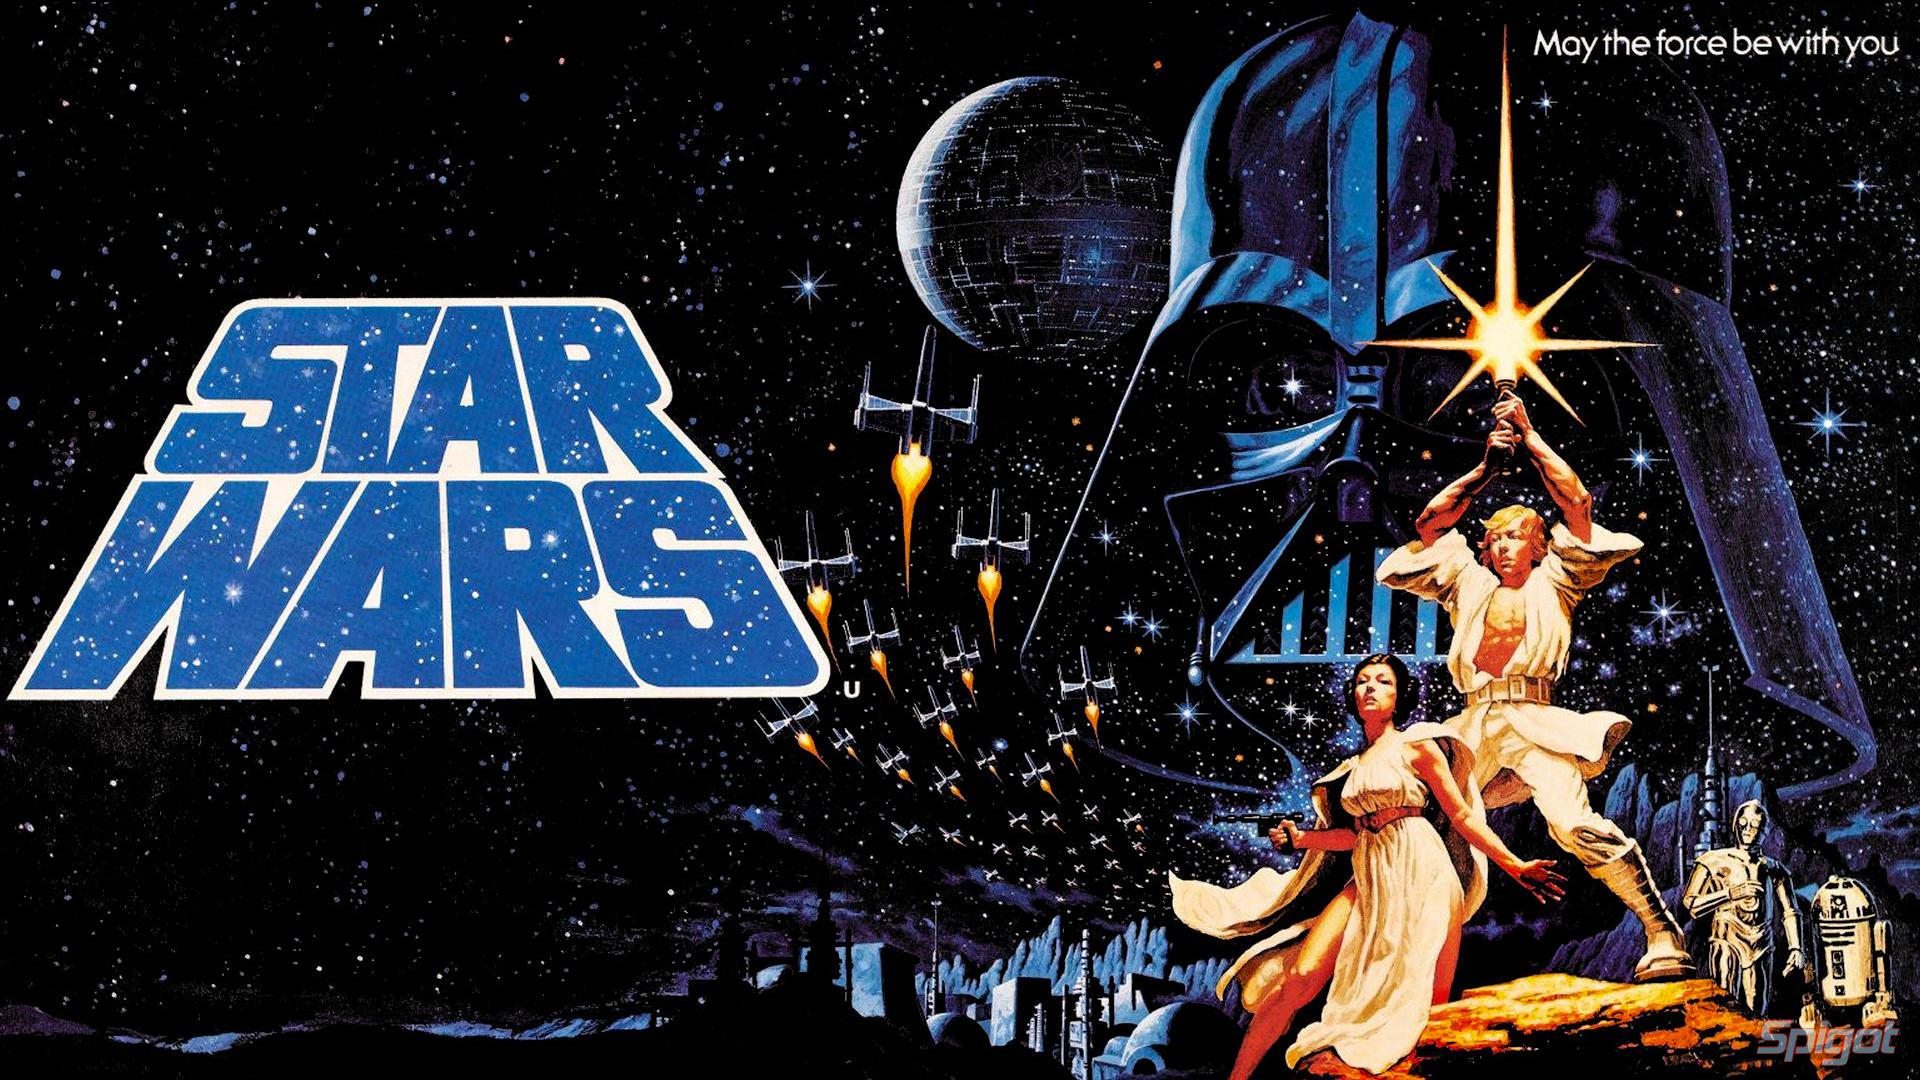 Star Wars  George Spigot's Blog